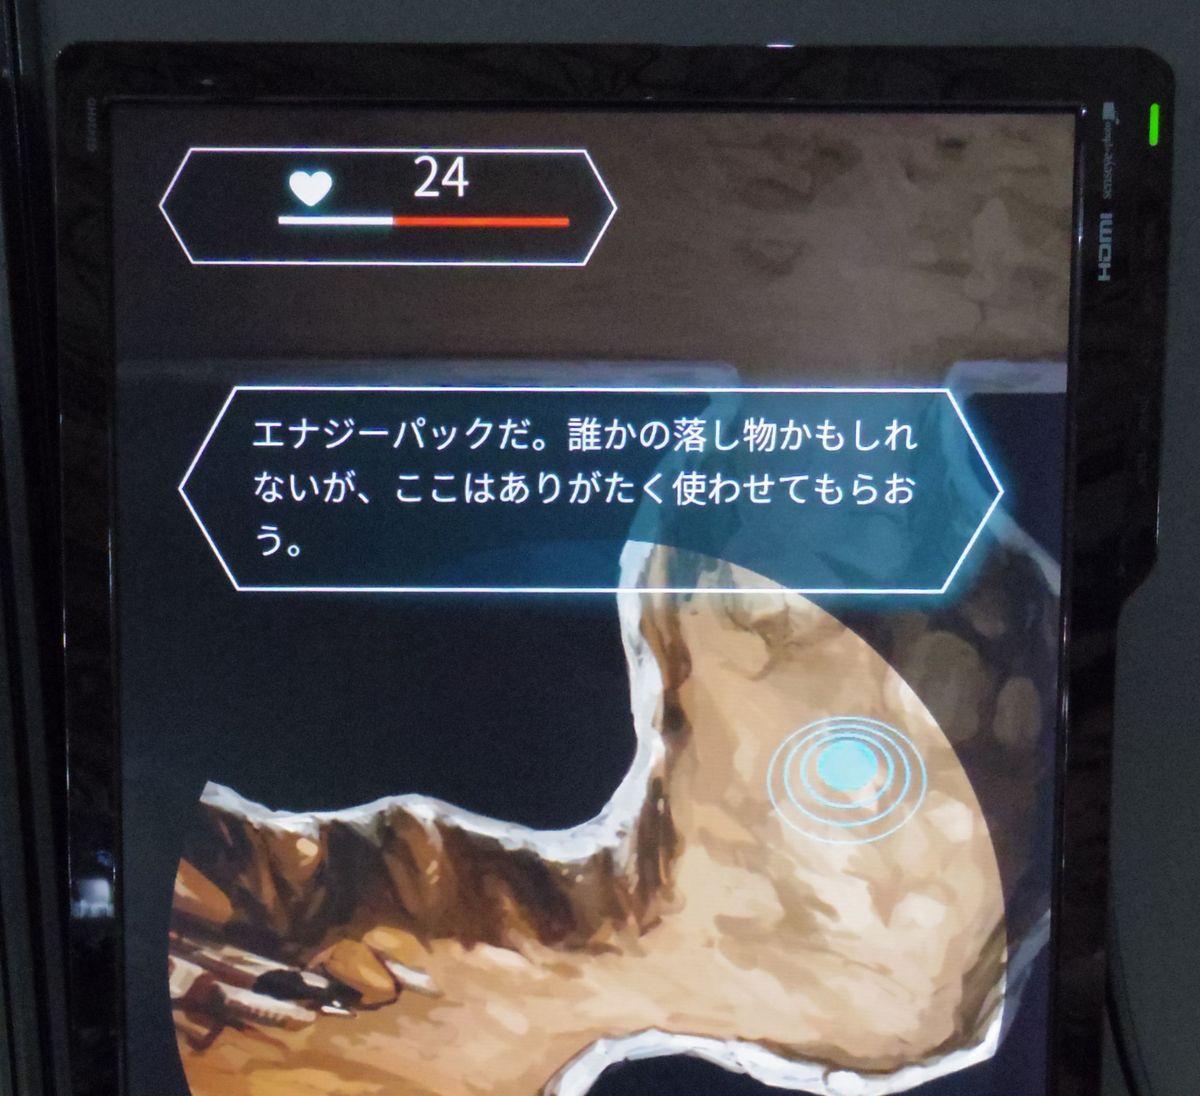 クラシックなダンジョン探索RPG『Star Mined』体験レポート【TGS2016】